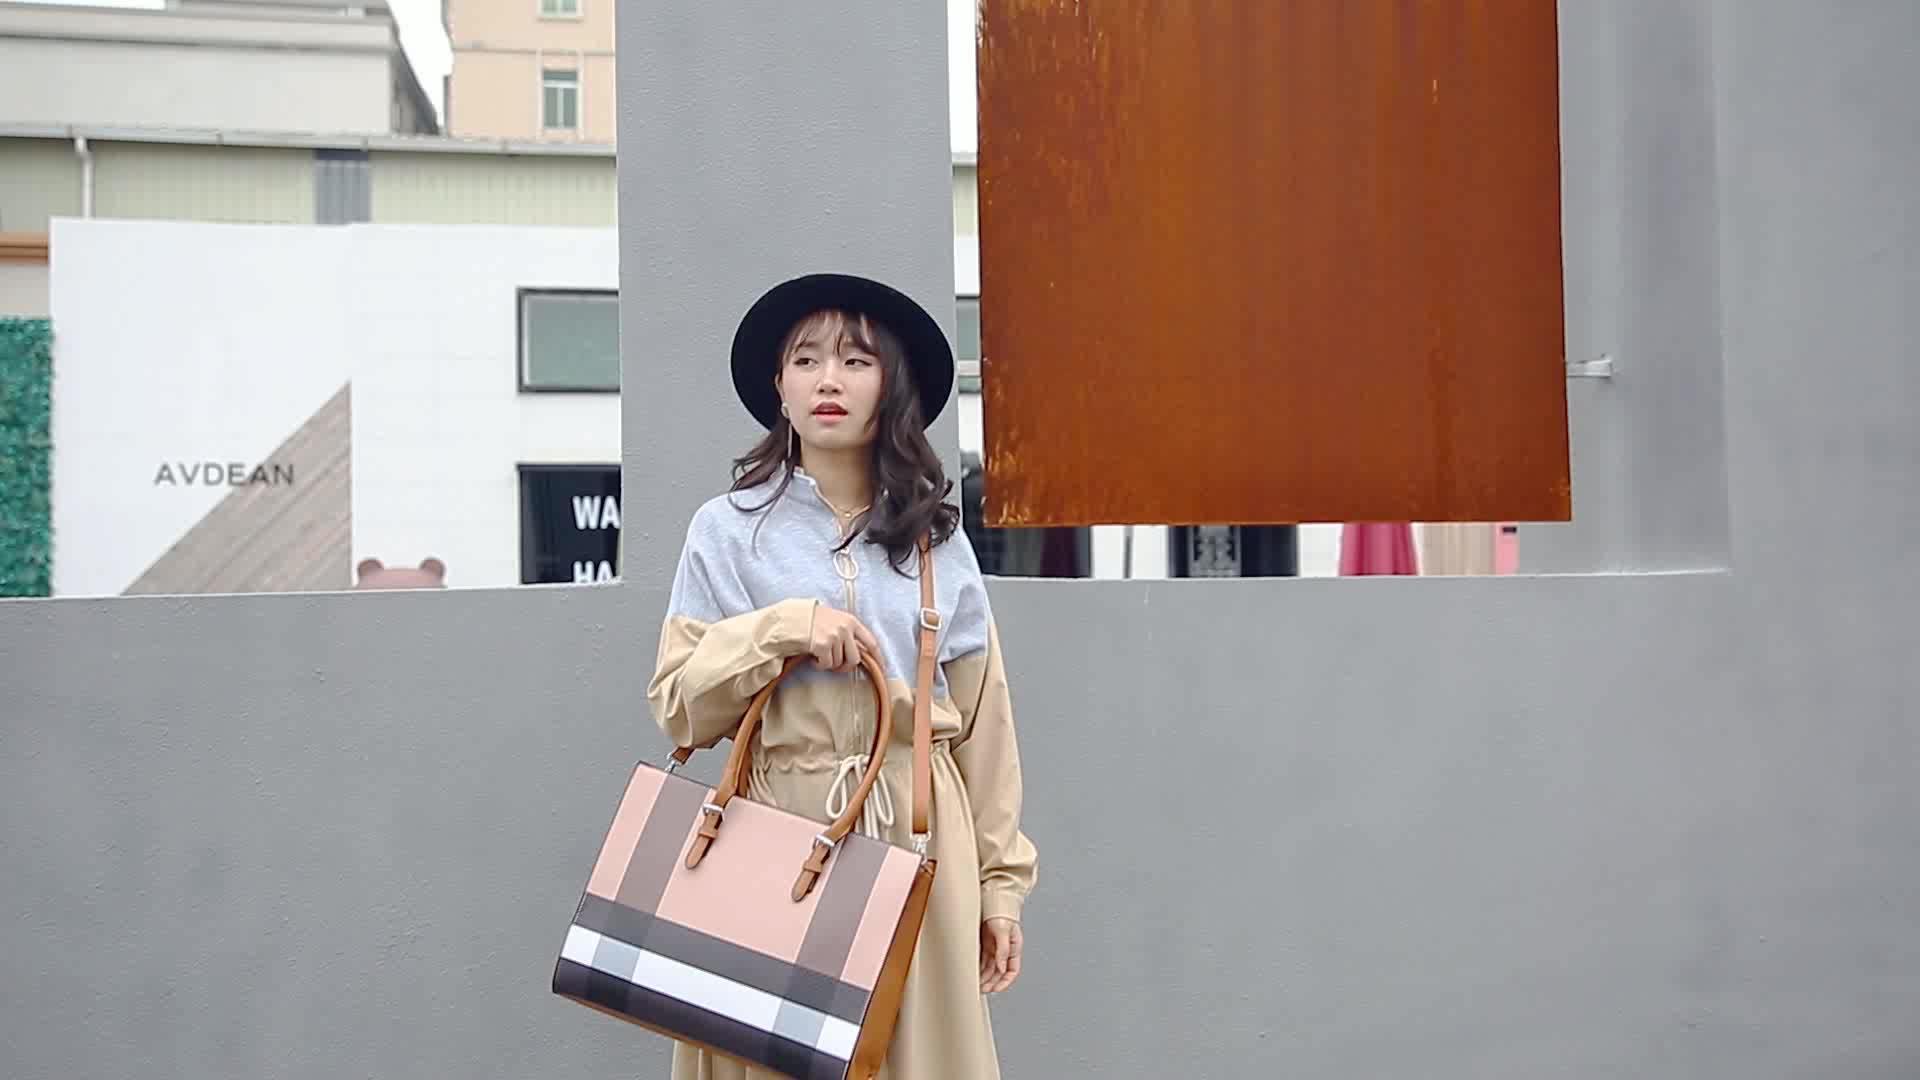 มีสต็อกพิมพ์รูปแบบ checkered ใช้ยี่ห้อ designer ที่กำหนดเอง pu หนัง high end ผู้หญิงอย่างเป็นทางการกระเป๋าถือสำหรับสุภาพสตรี